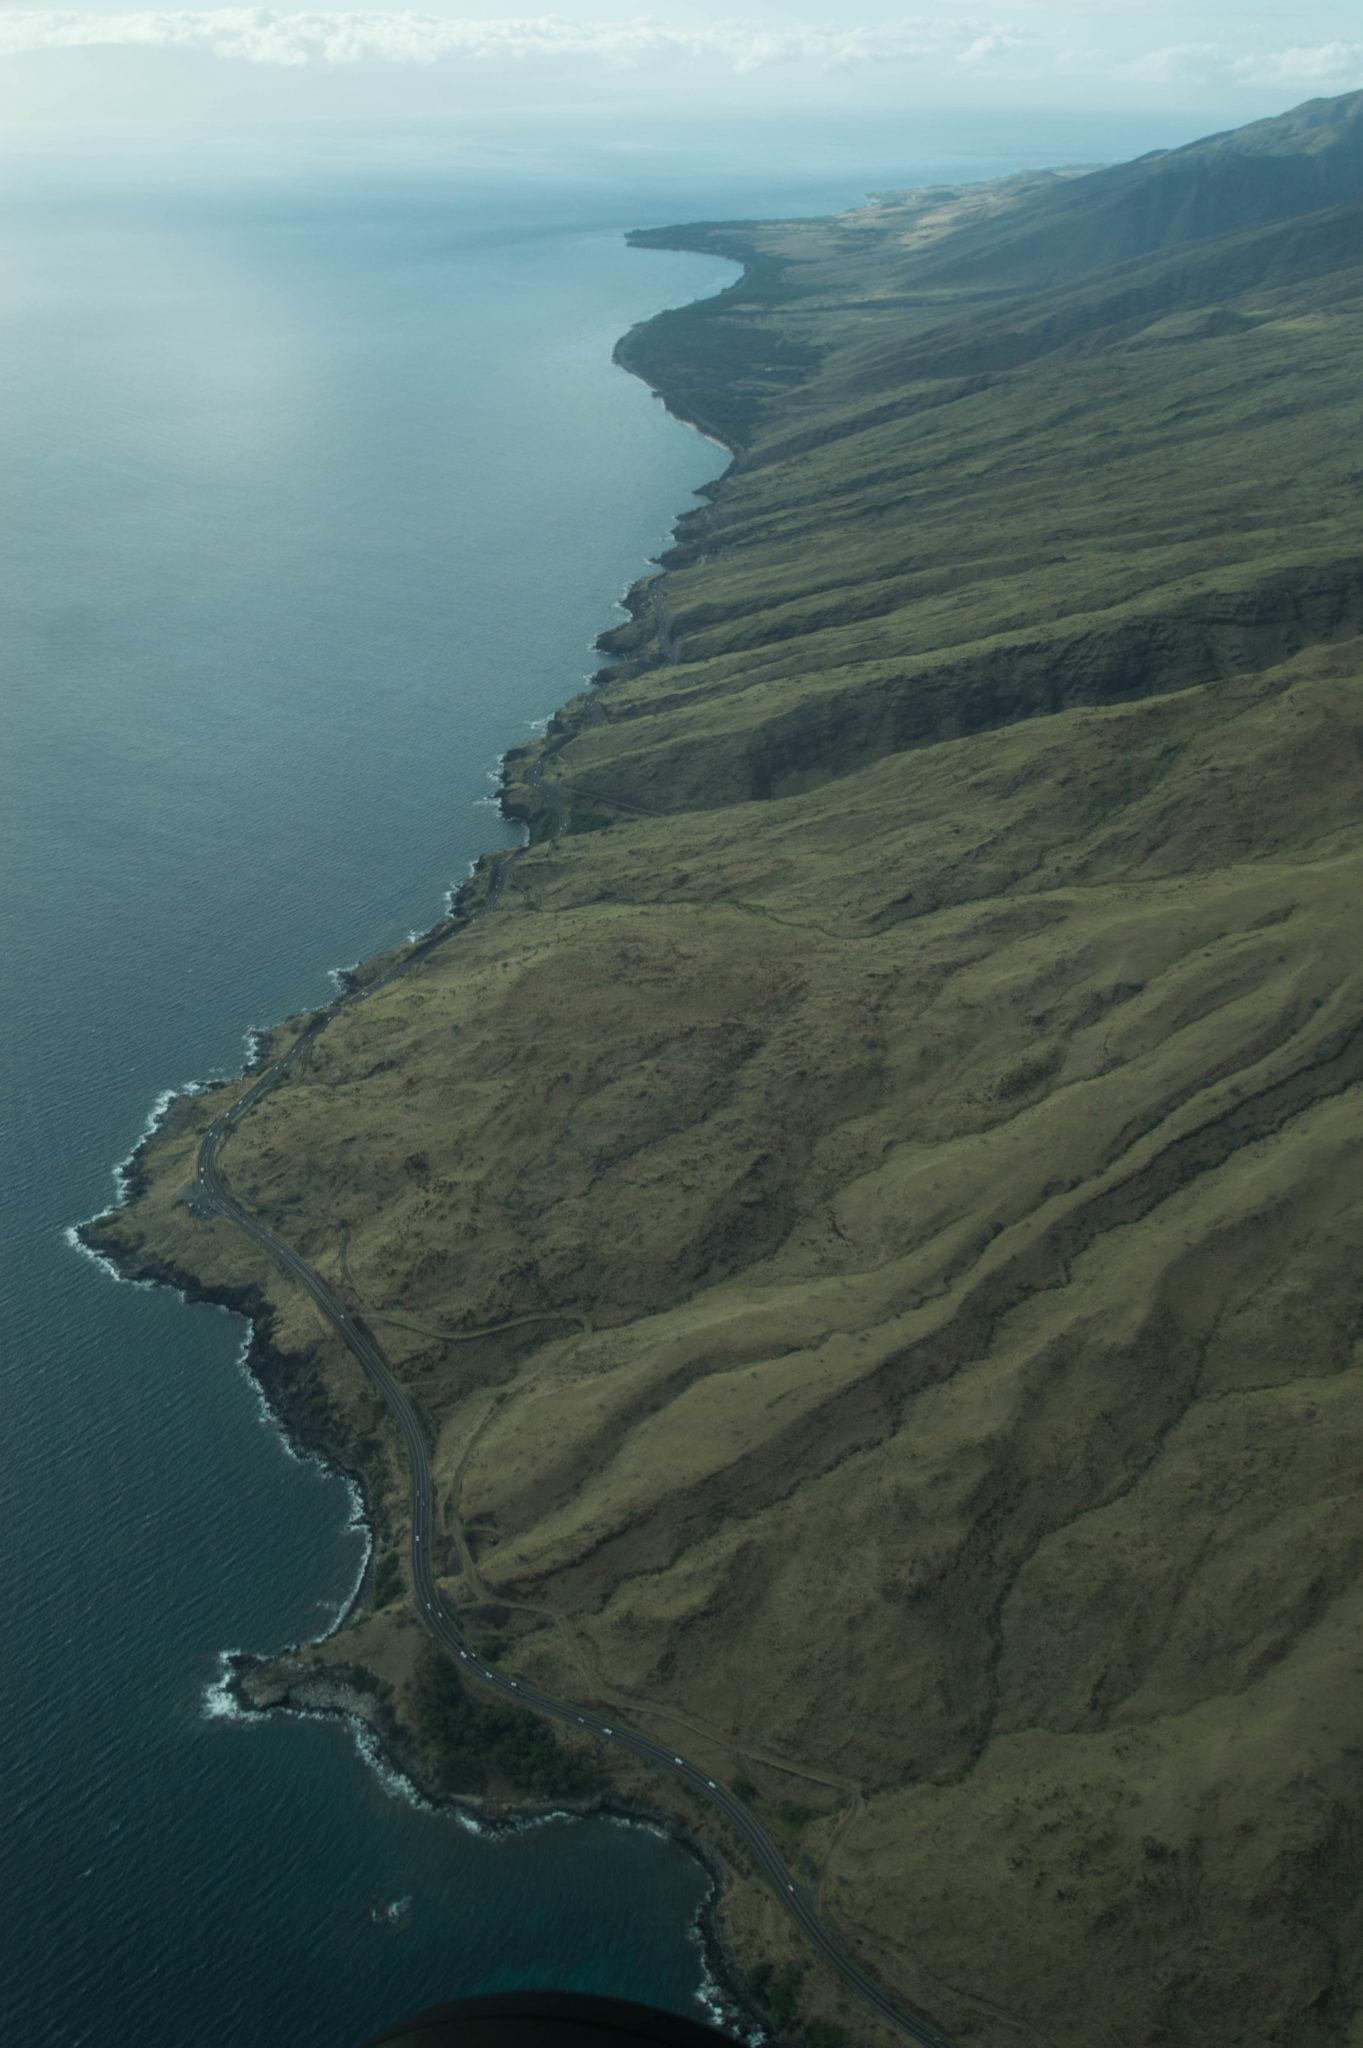 Sehenswürdigkeiten Hawaii: Maui von oben